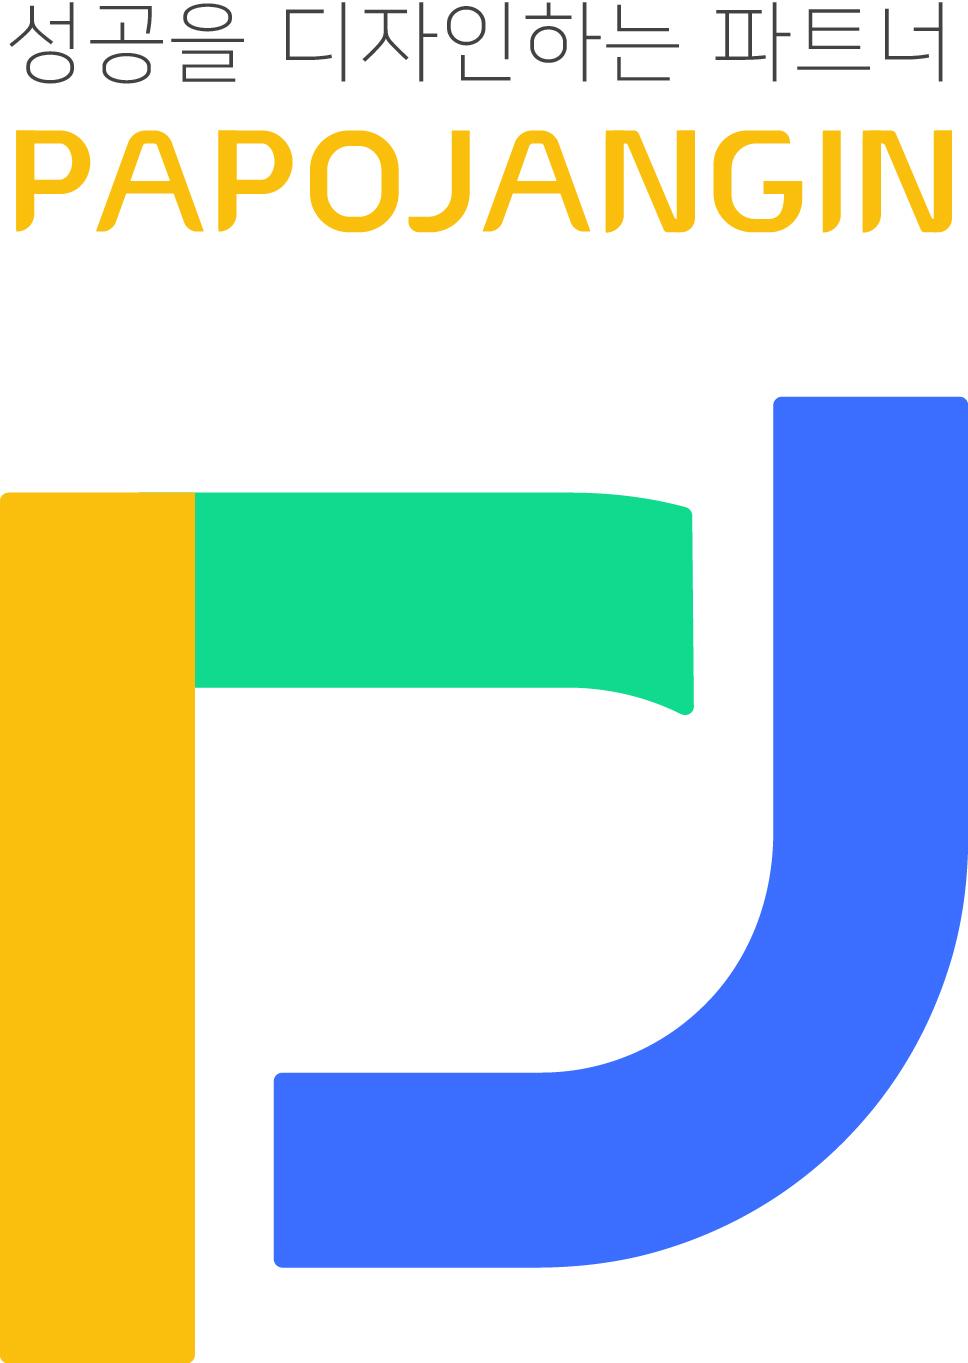 파포장인 ppt제작 대행 업체